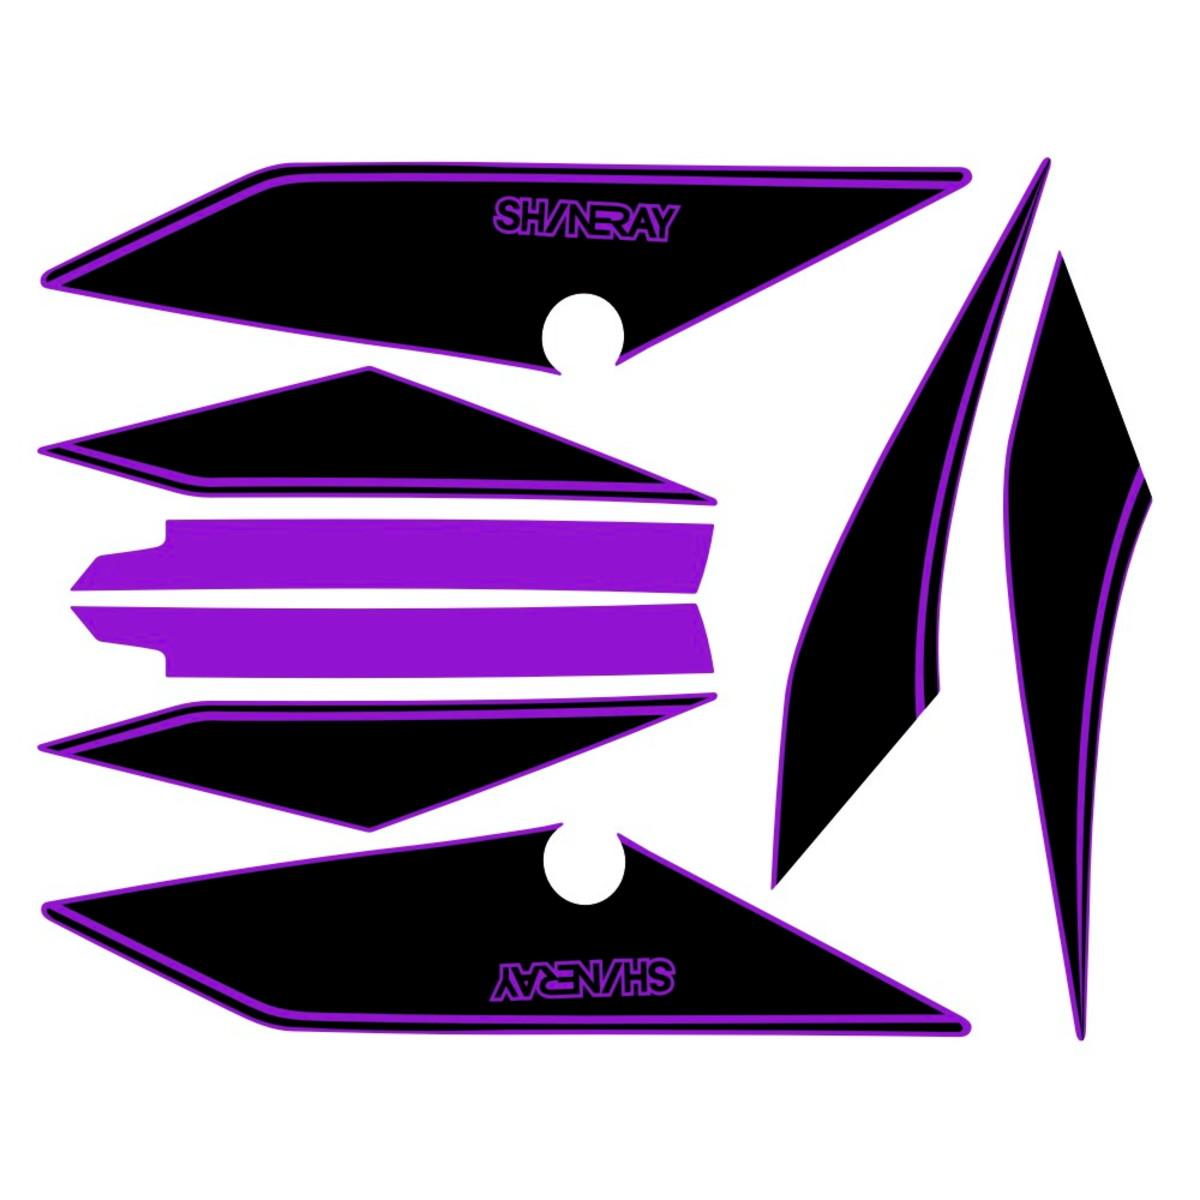 Faixa shineray explorer 150 preto com roxo no Elo7  674105bf019